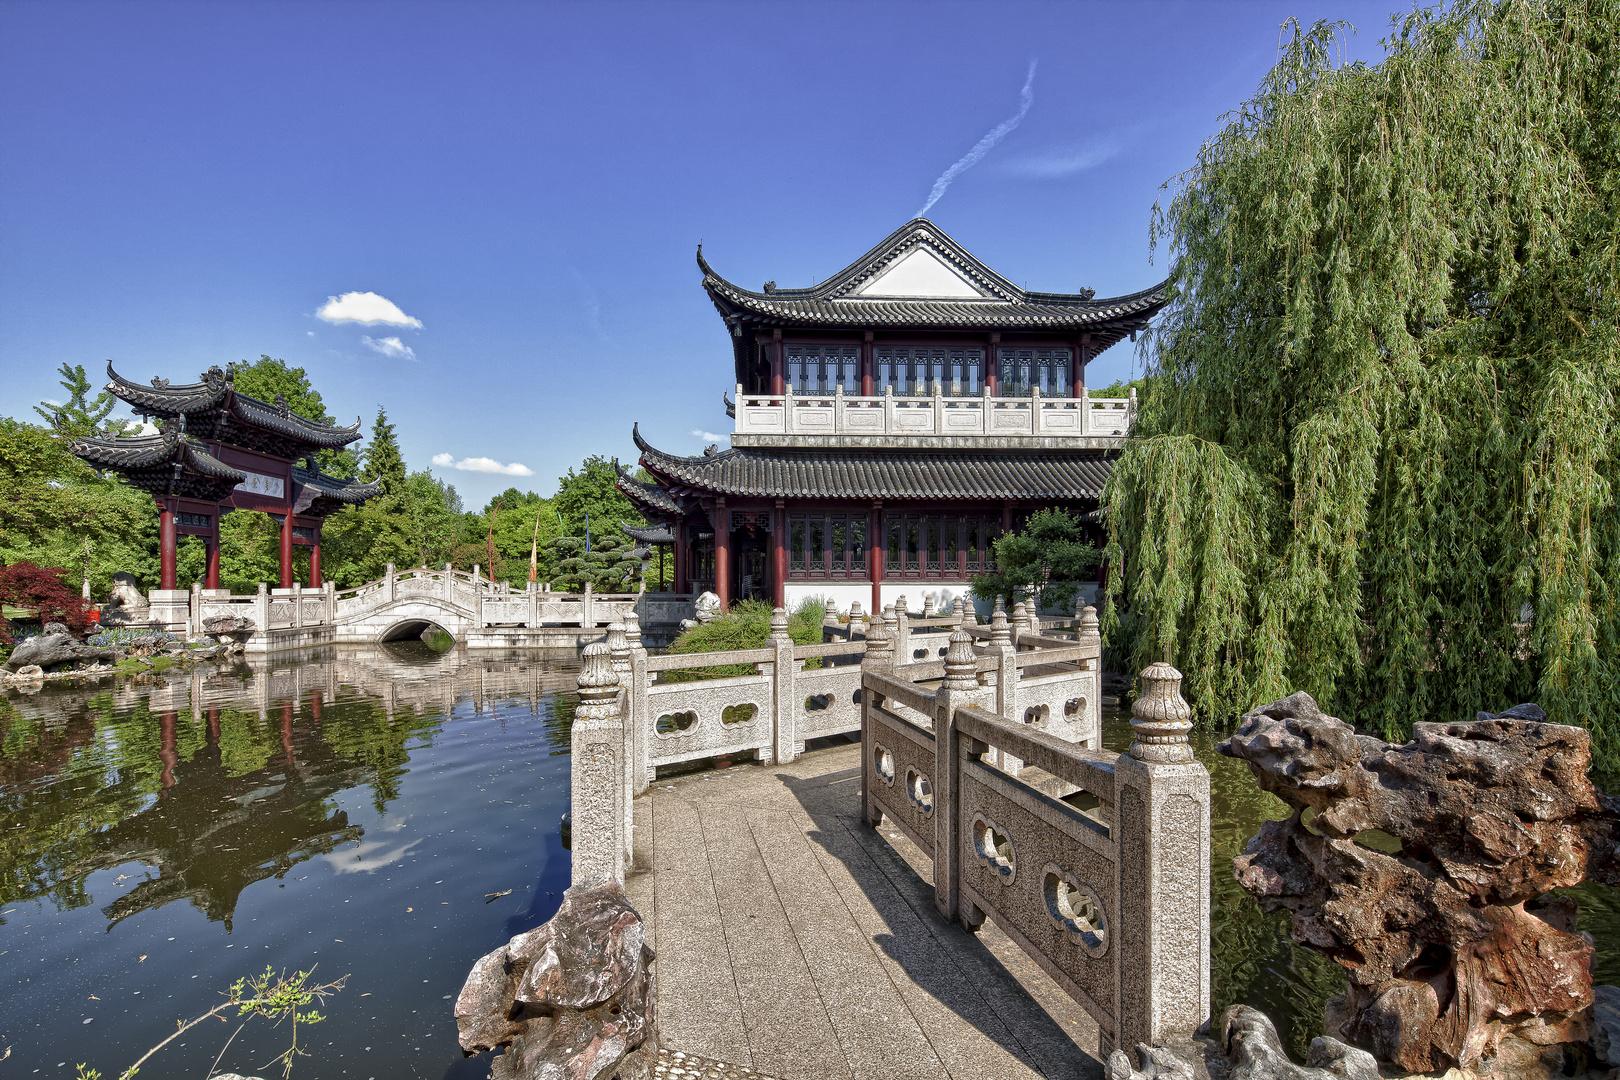 chinesischer garten mit teehaus am see foto bild deutschland europe baden w rttemberg. Black Bedroom Furniture Sets. Home Design Ideas